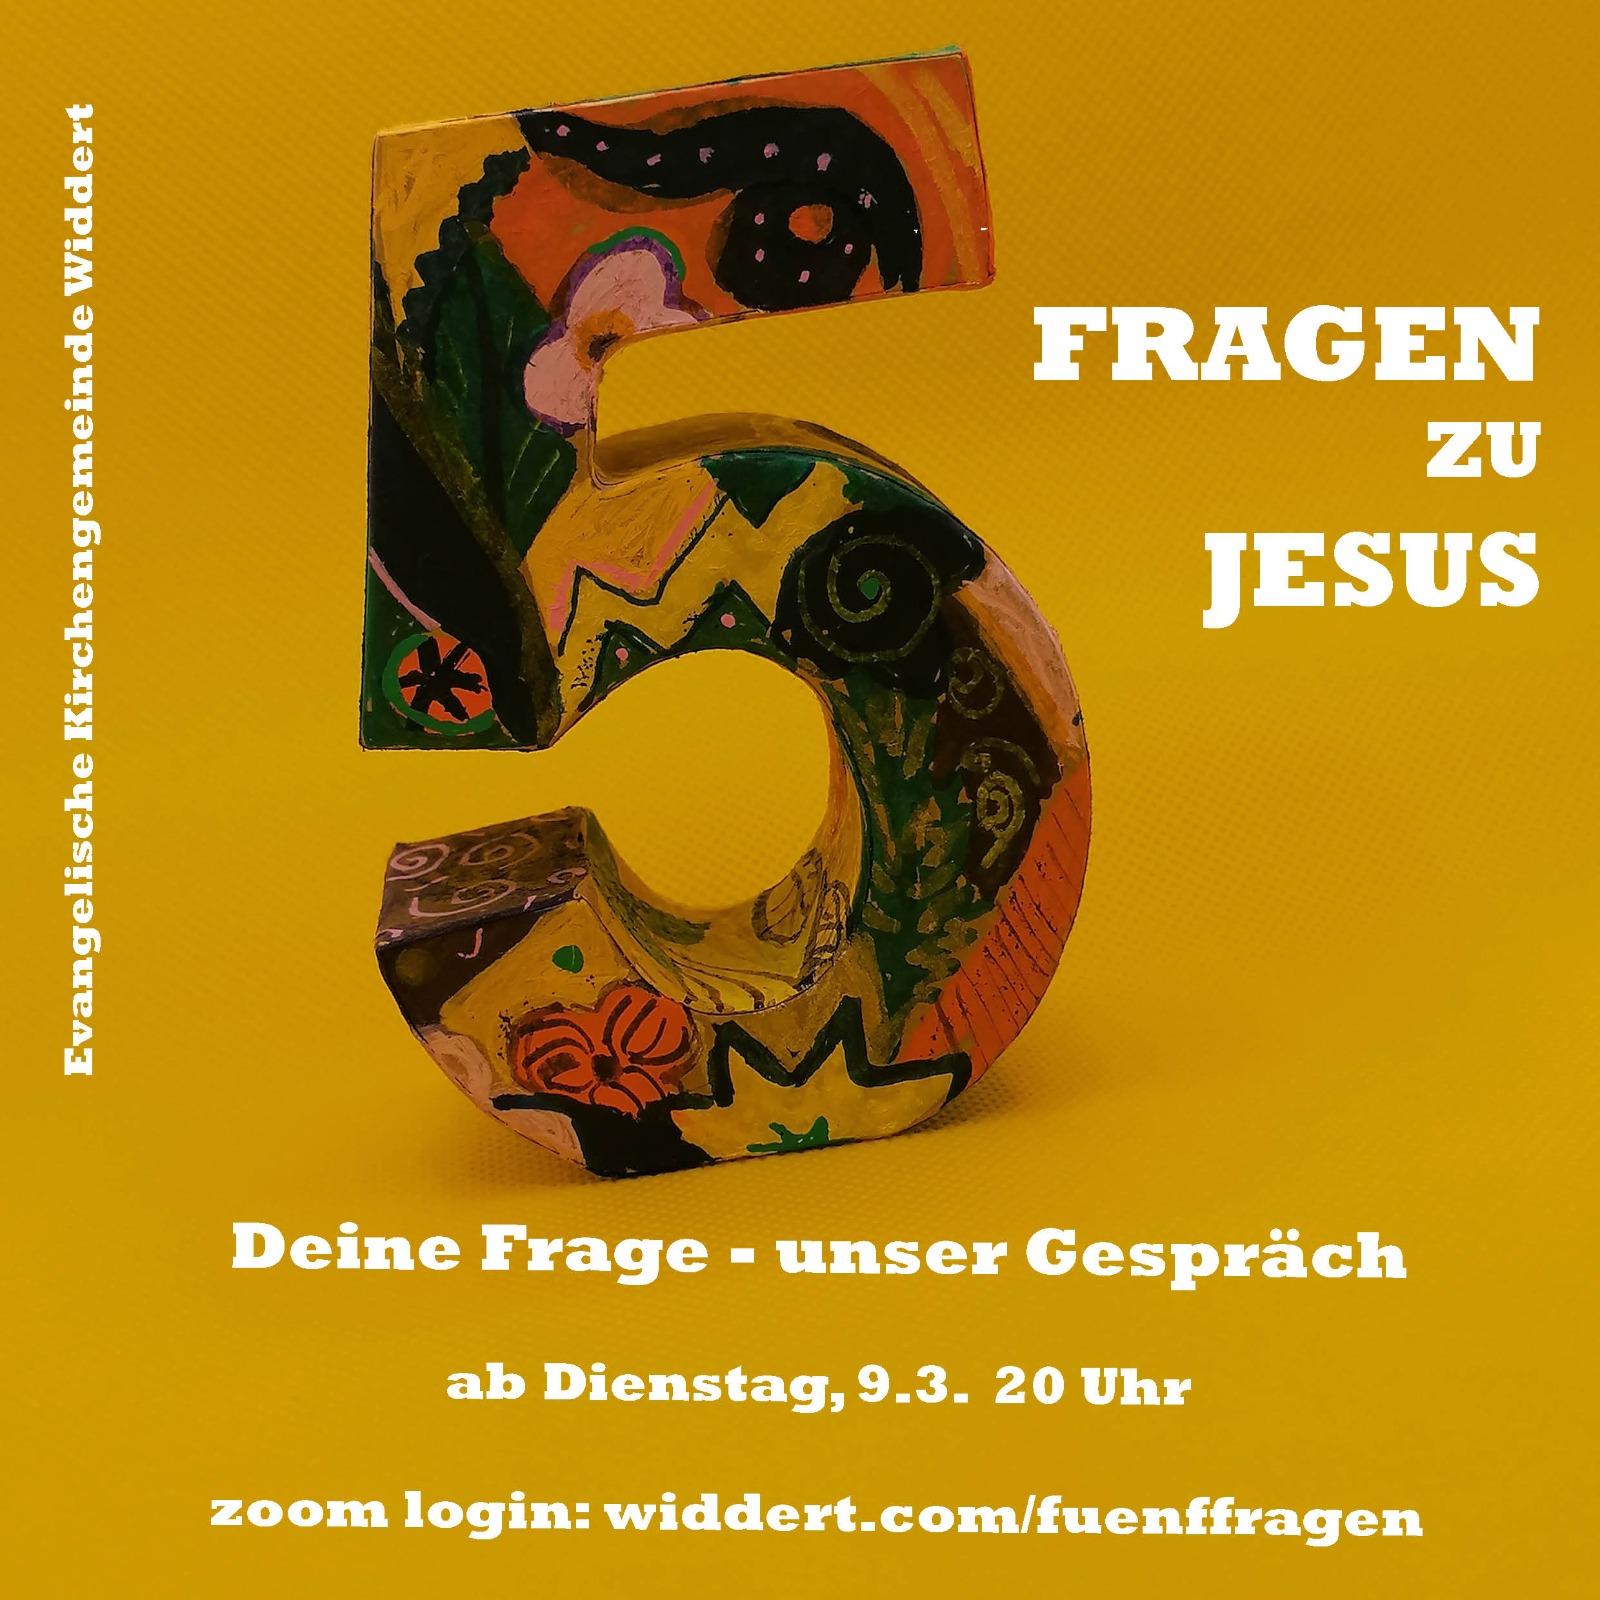 5 FRAGEN zu JESUS deine Frage = unser Gespräch ab Di 9.3. 20 Uhr